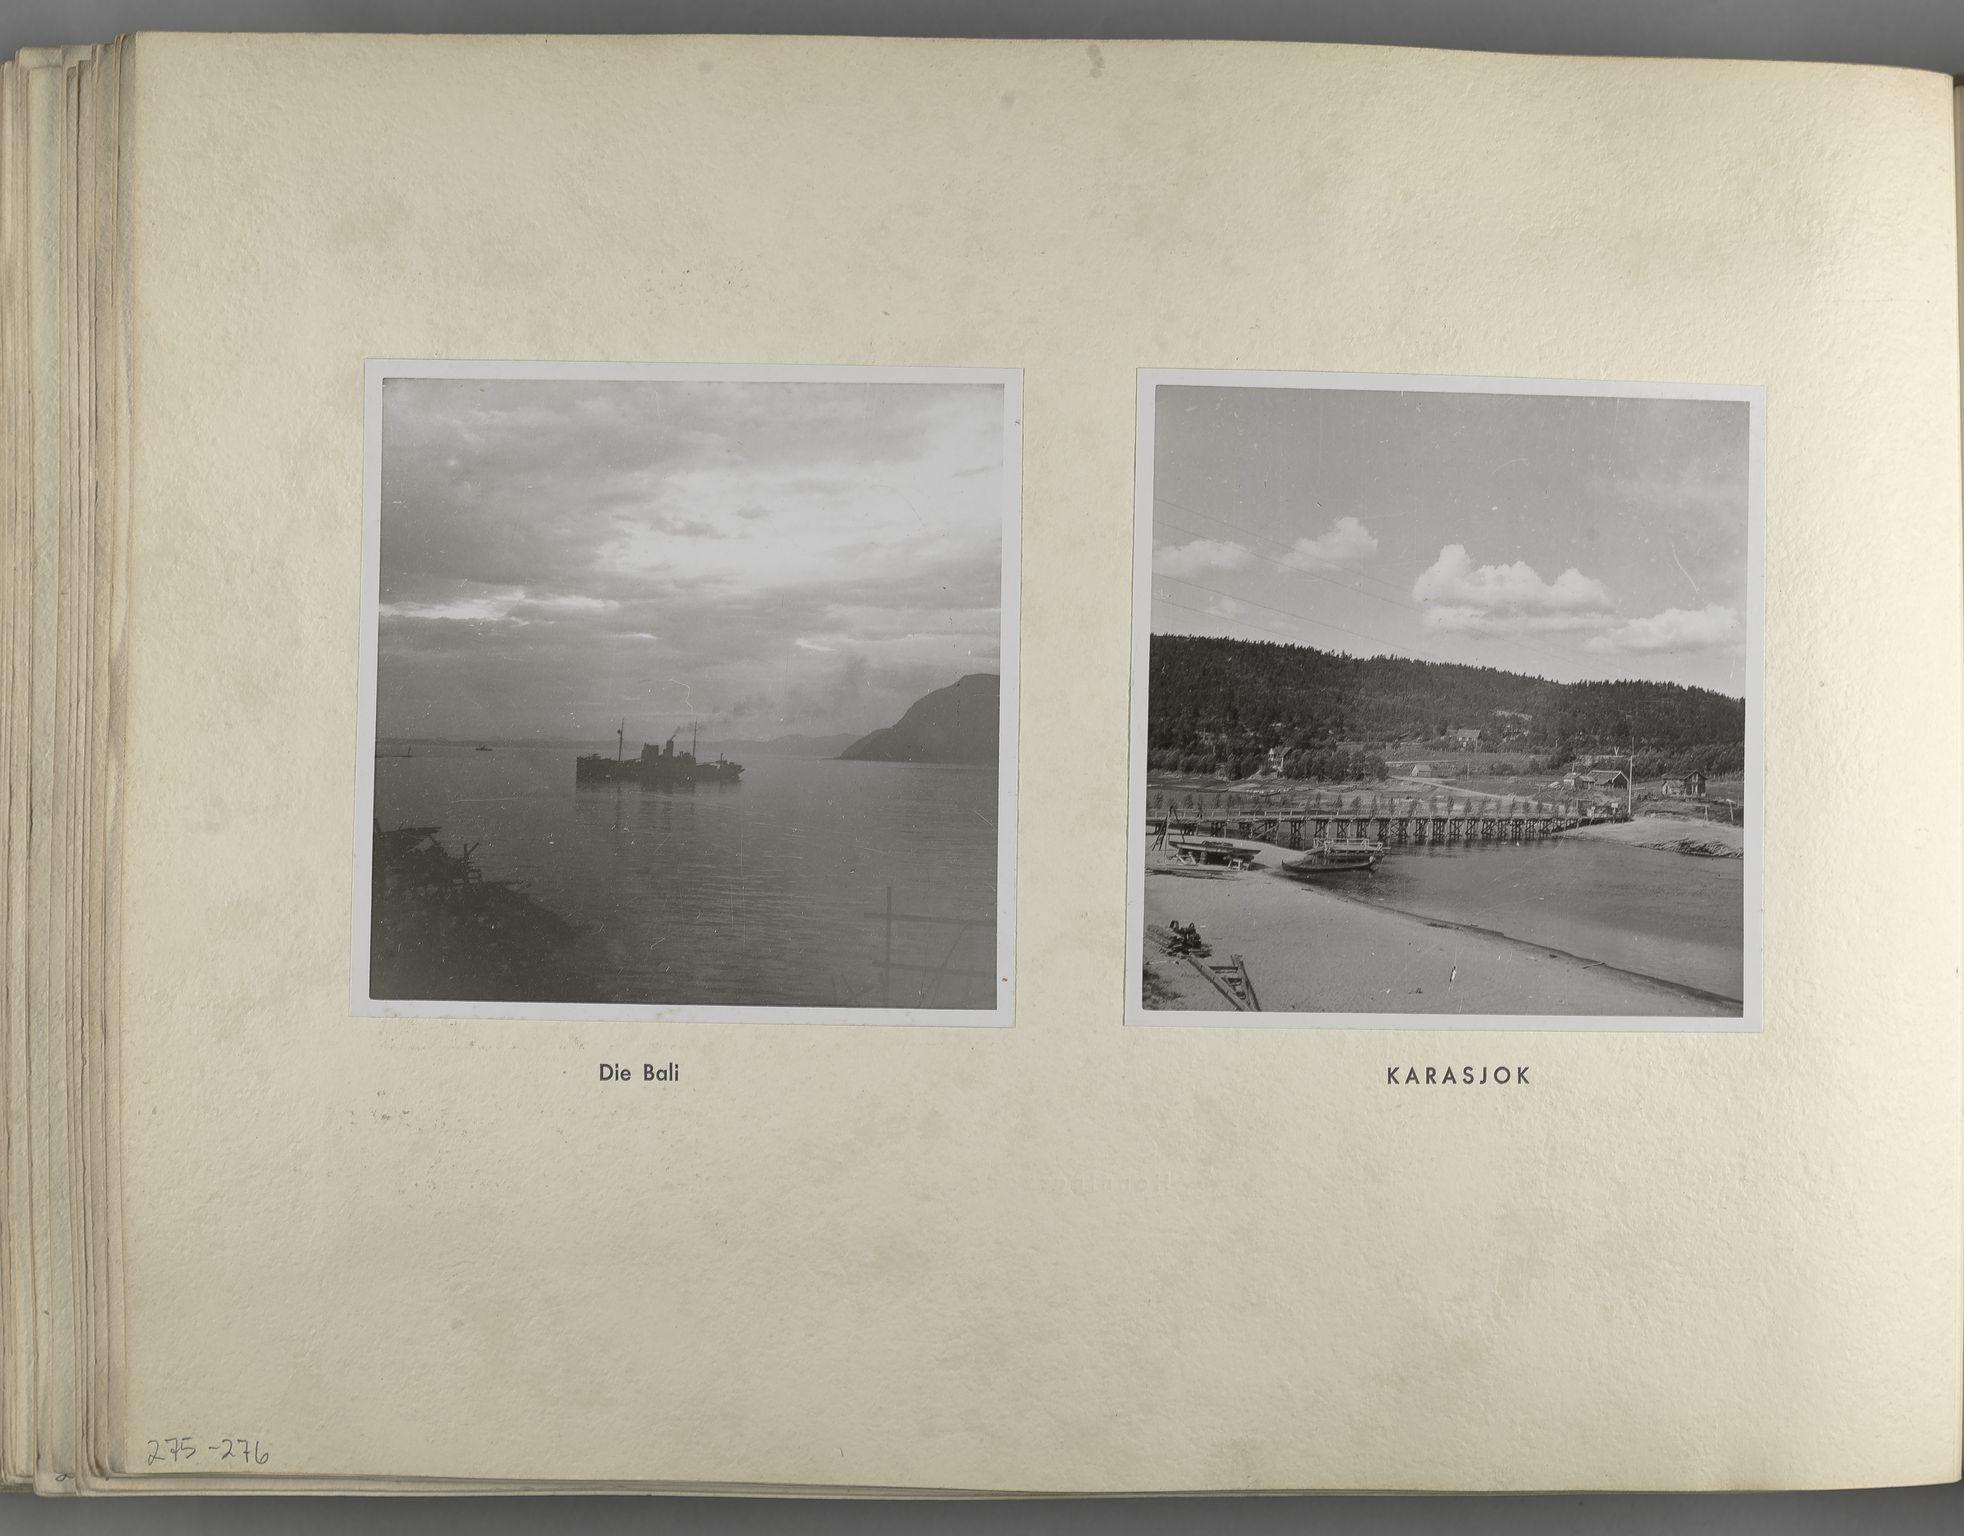 RA, Tyske arkiver, Reichskommissariat, Bildarchiv, U/L0071: Fotoalbum: Mit dem Reichskommissar nach Nordnorwegen und Finnland 10. bis 27. Juli 1942, 1942, s. 108